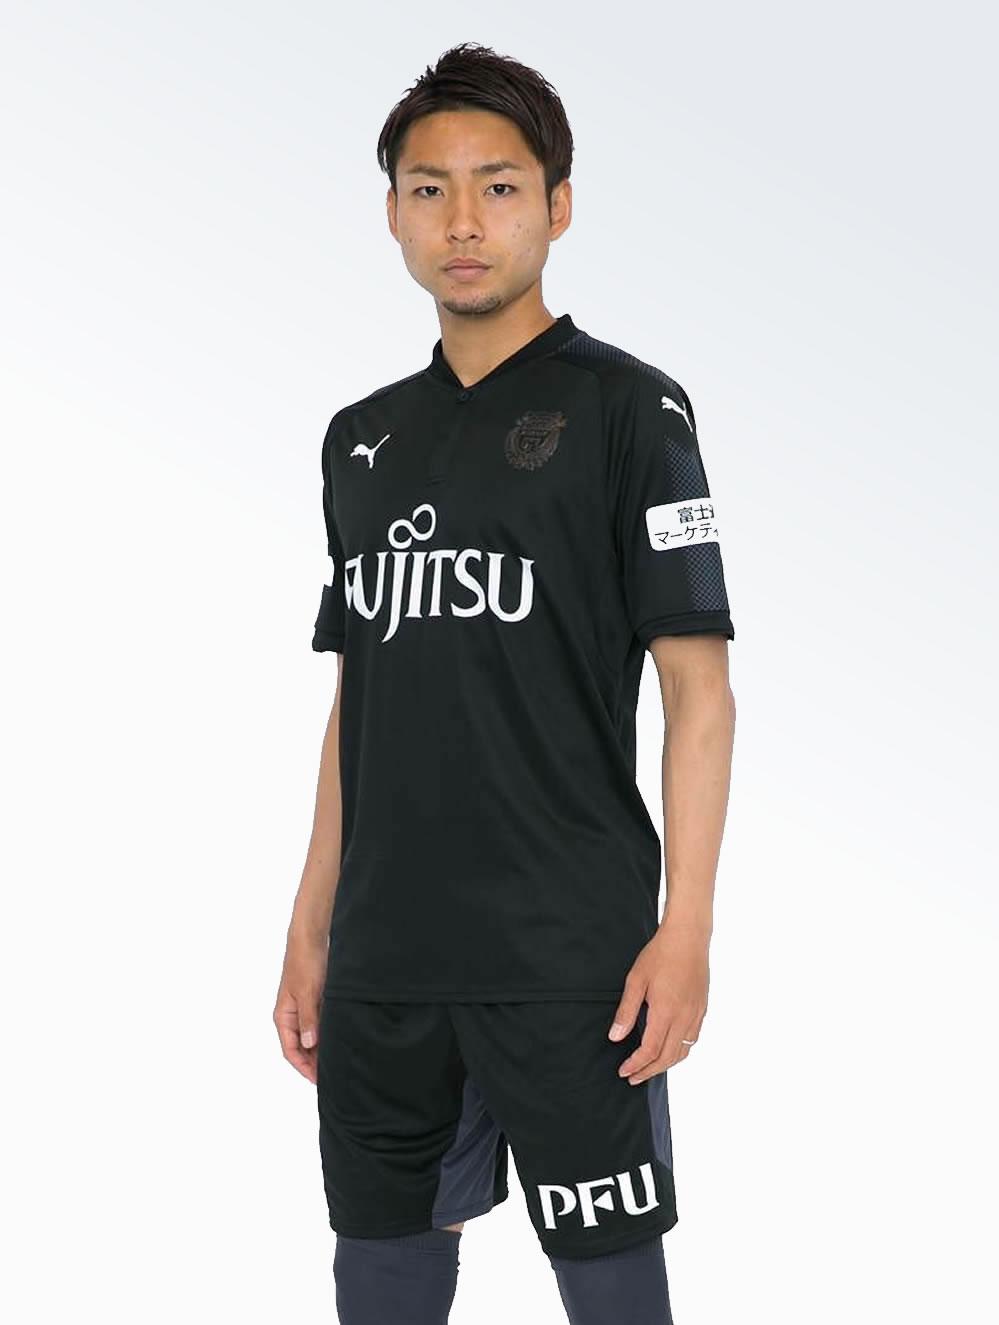 Tercera camiseta del Kawasaki Frontale para 2017/18 | Foto Twitter Oficial